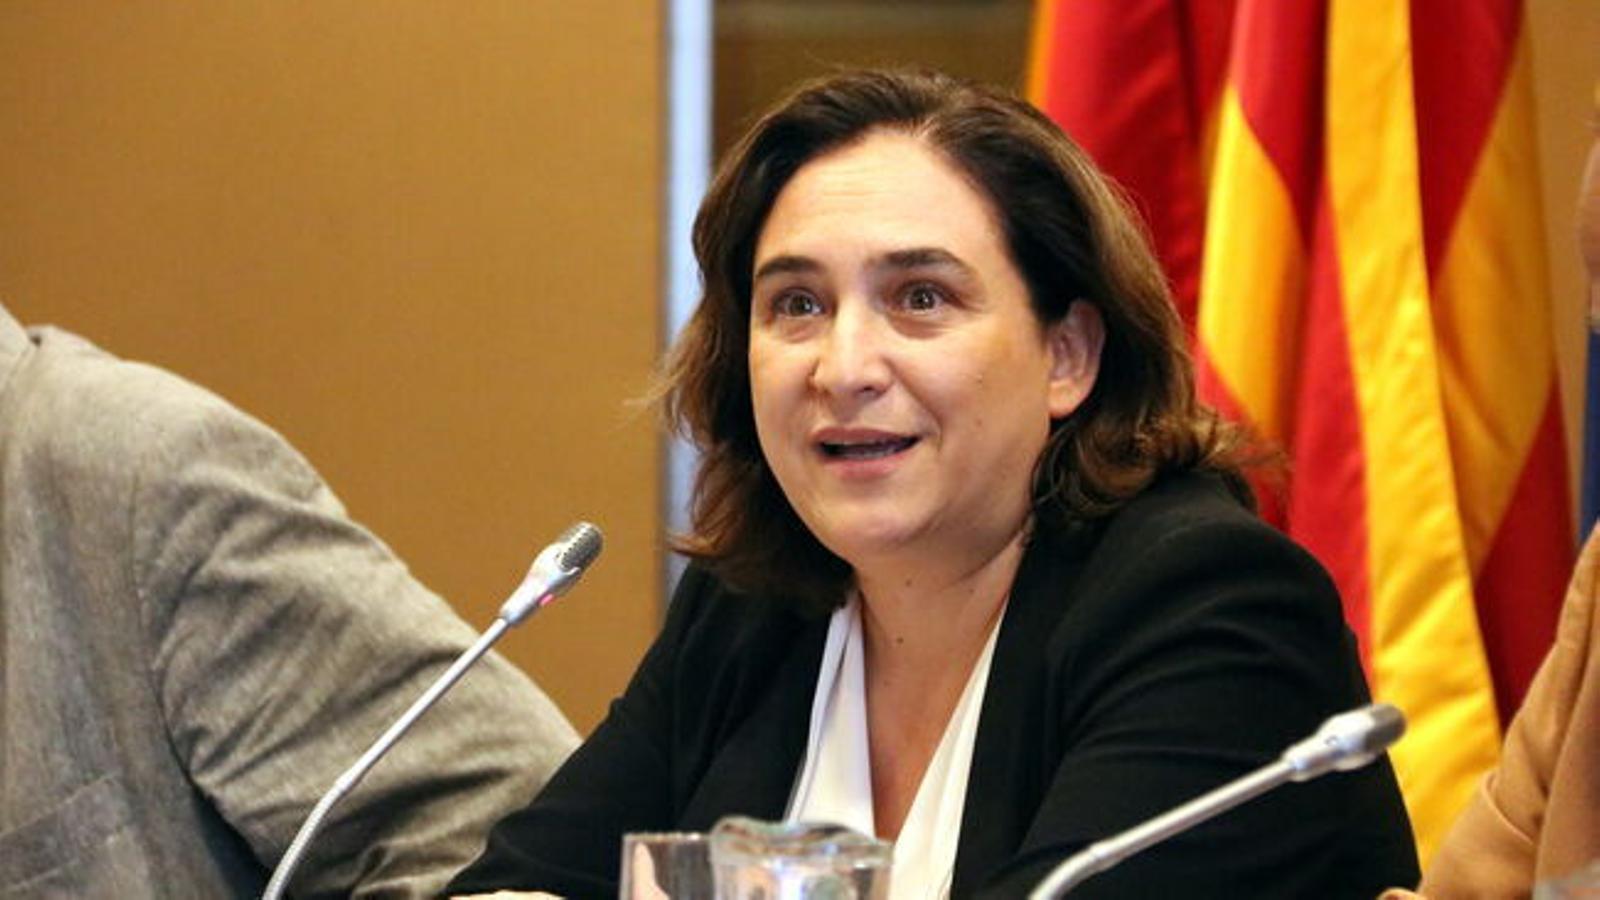 EN DIRECTE | Ada Colau i Gemma Tarafa compareixen per informar sobre la Covid-19 a la ciutat de Barcelona